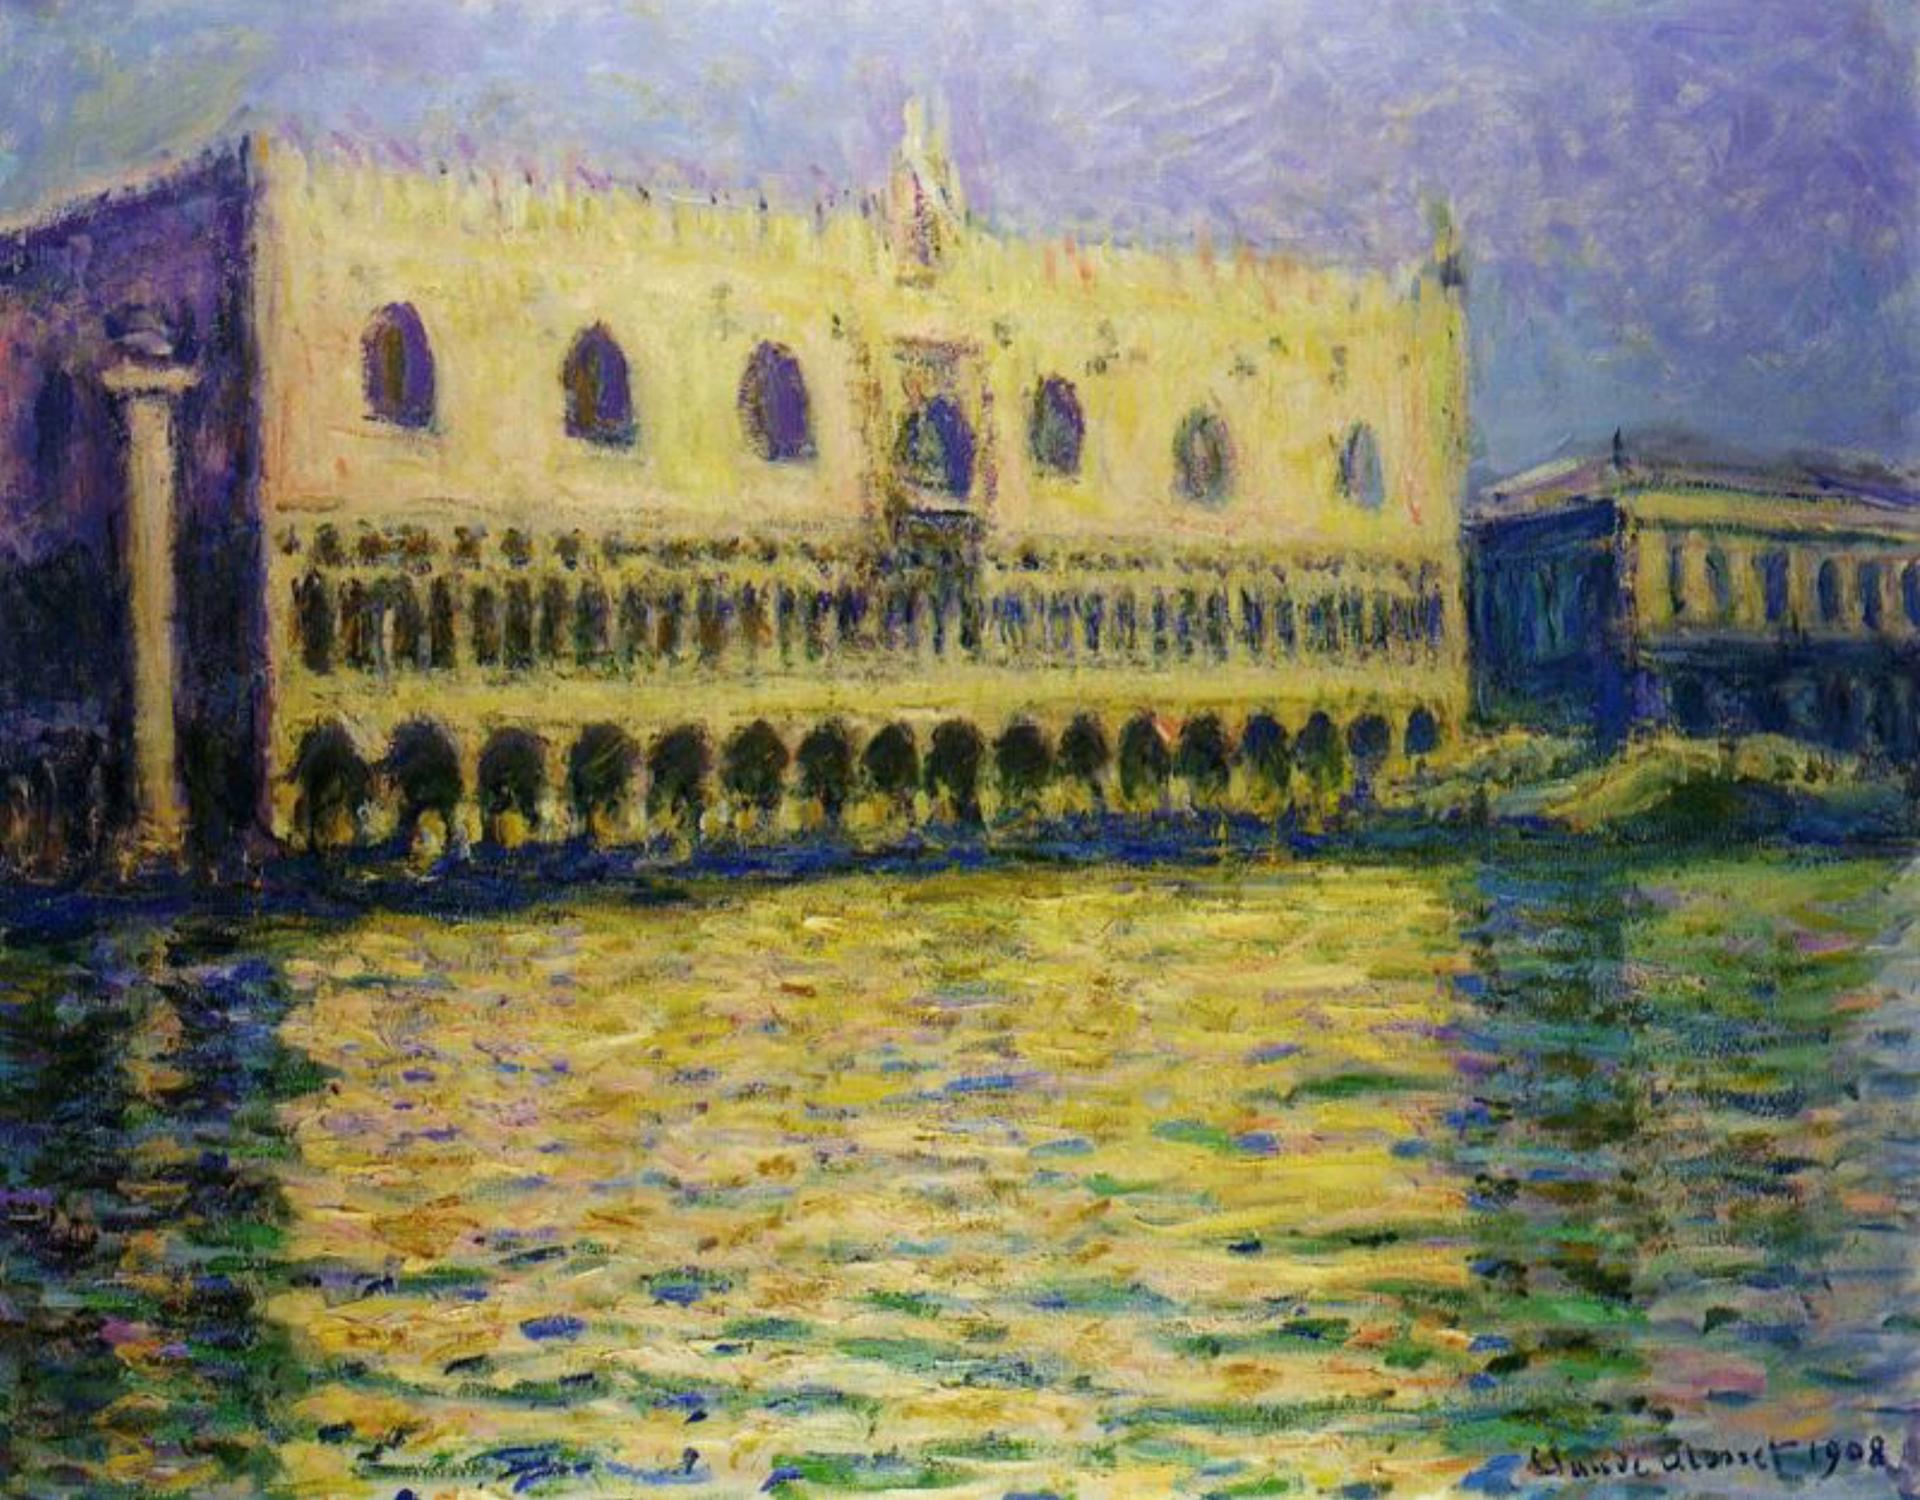 Le Palais Ducal (1908) by Claude Monet